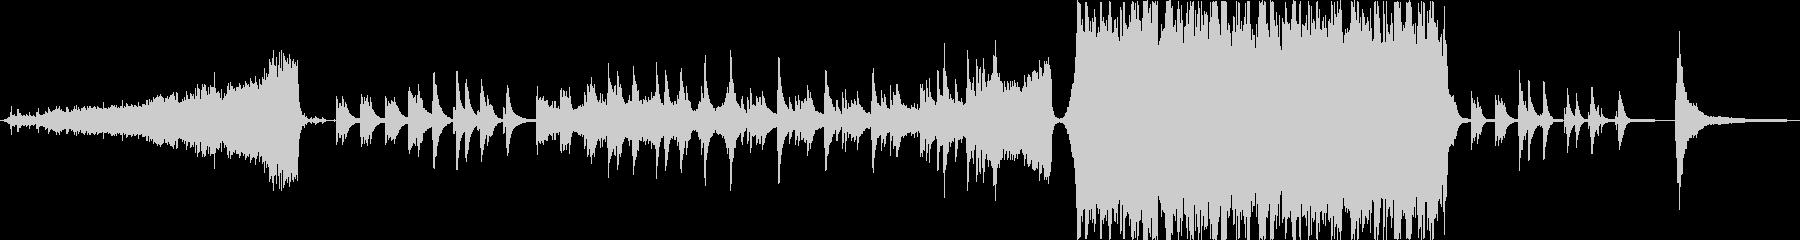 ピアノメインのオーケストレーション感動曲の未再生の波形